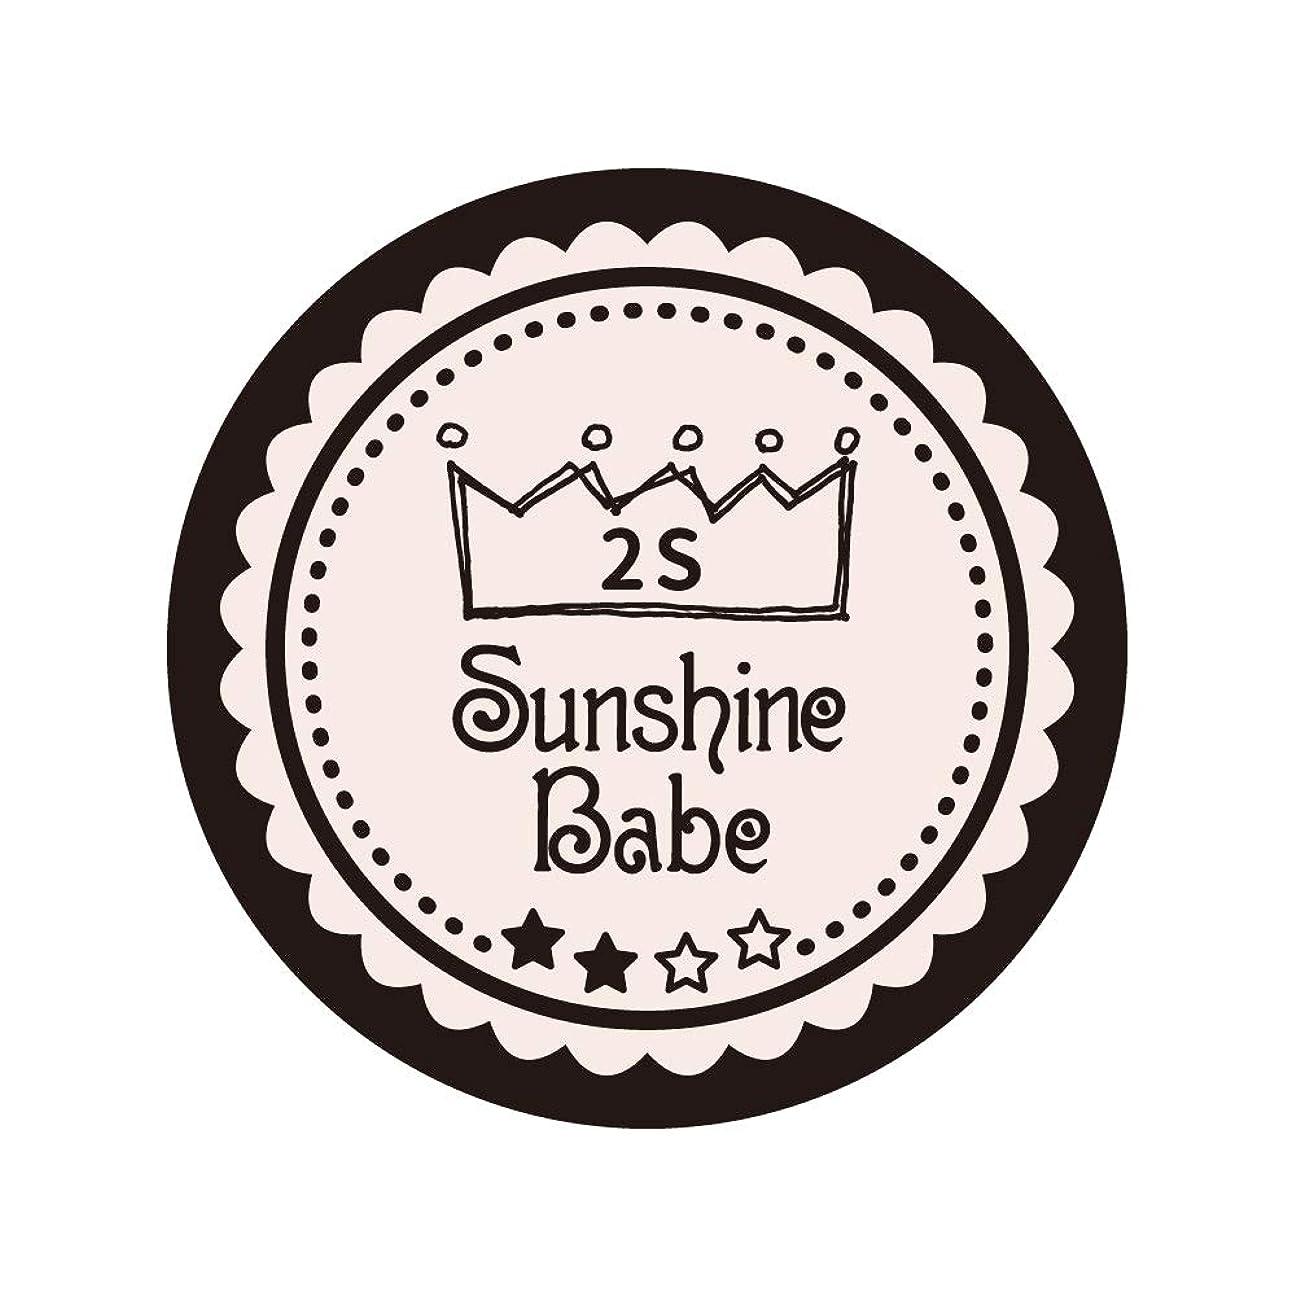 テクトニック遺伝的台風Sunshine Babe カラージェル 2S オールモーストモーブ 2.7g UV/LED対応